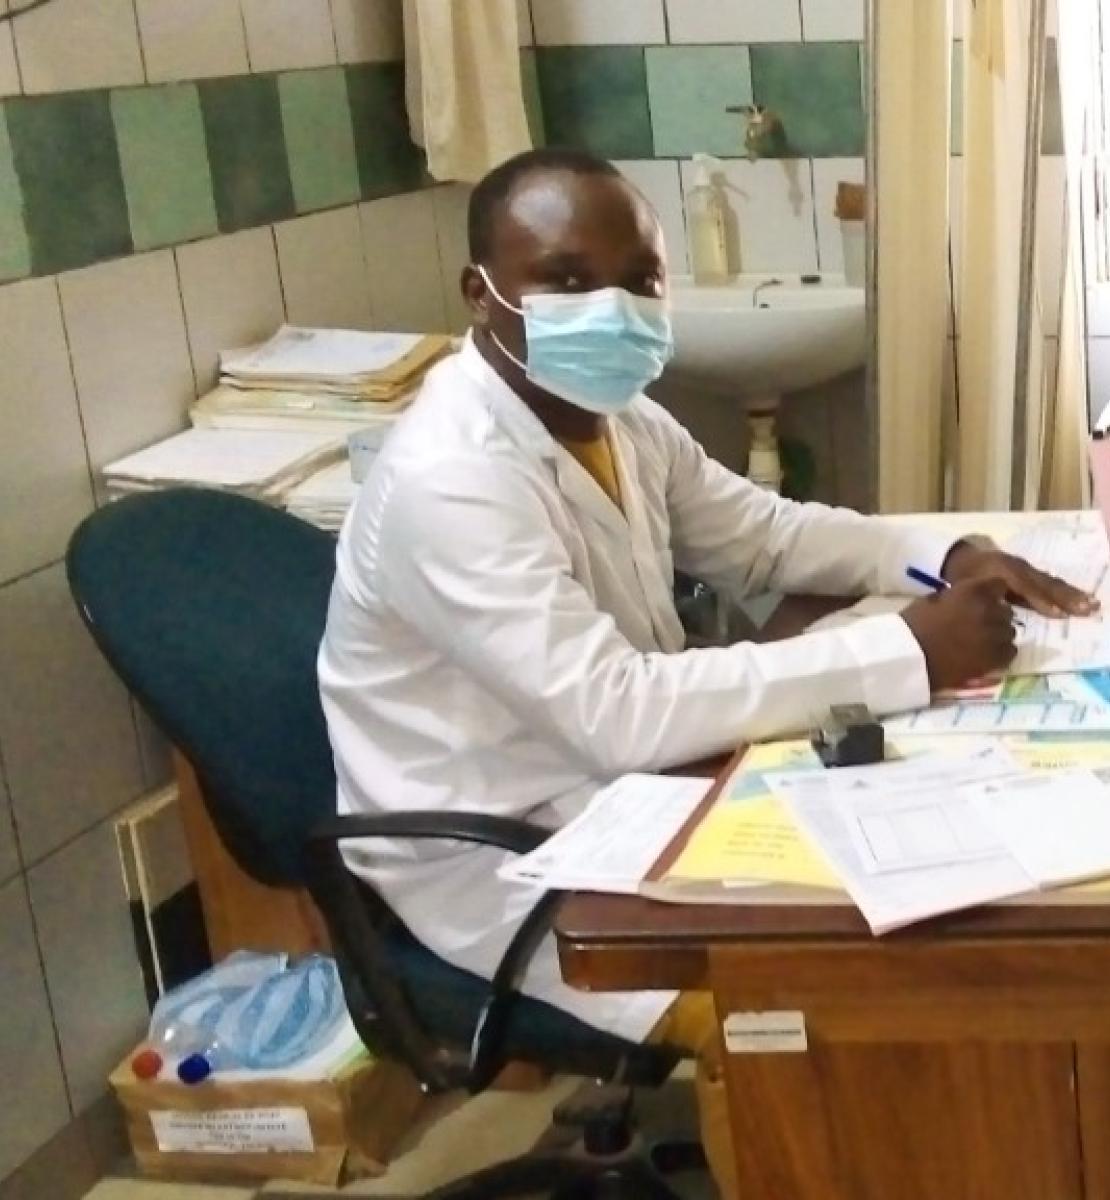 穿着白大卦的医生(左)为坐在桌子另一边的患者看诊。